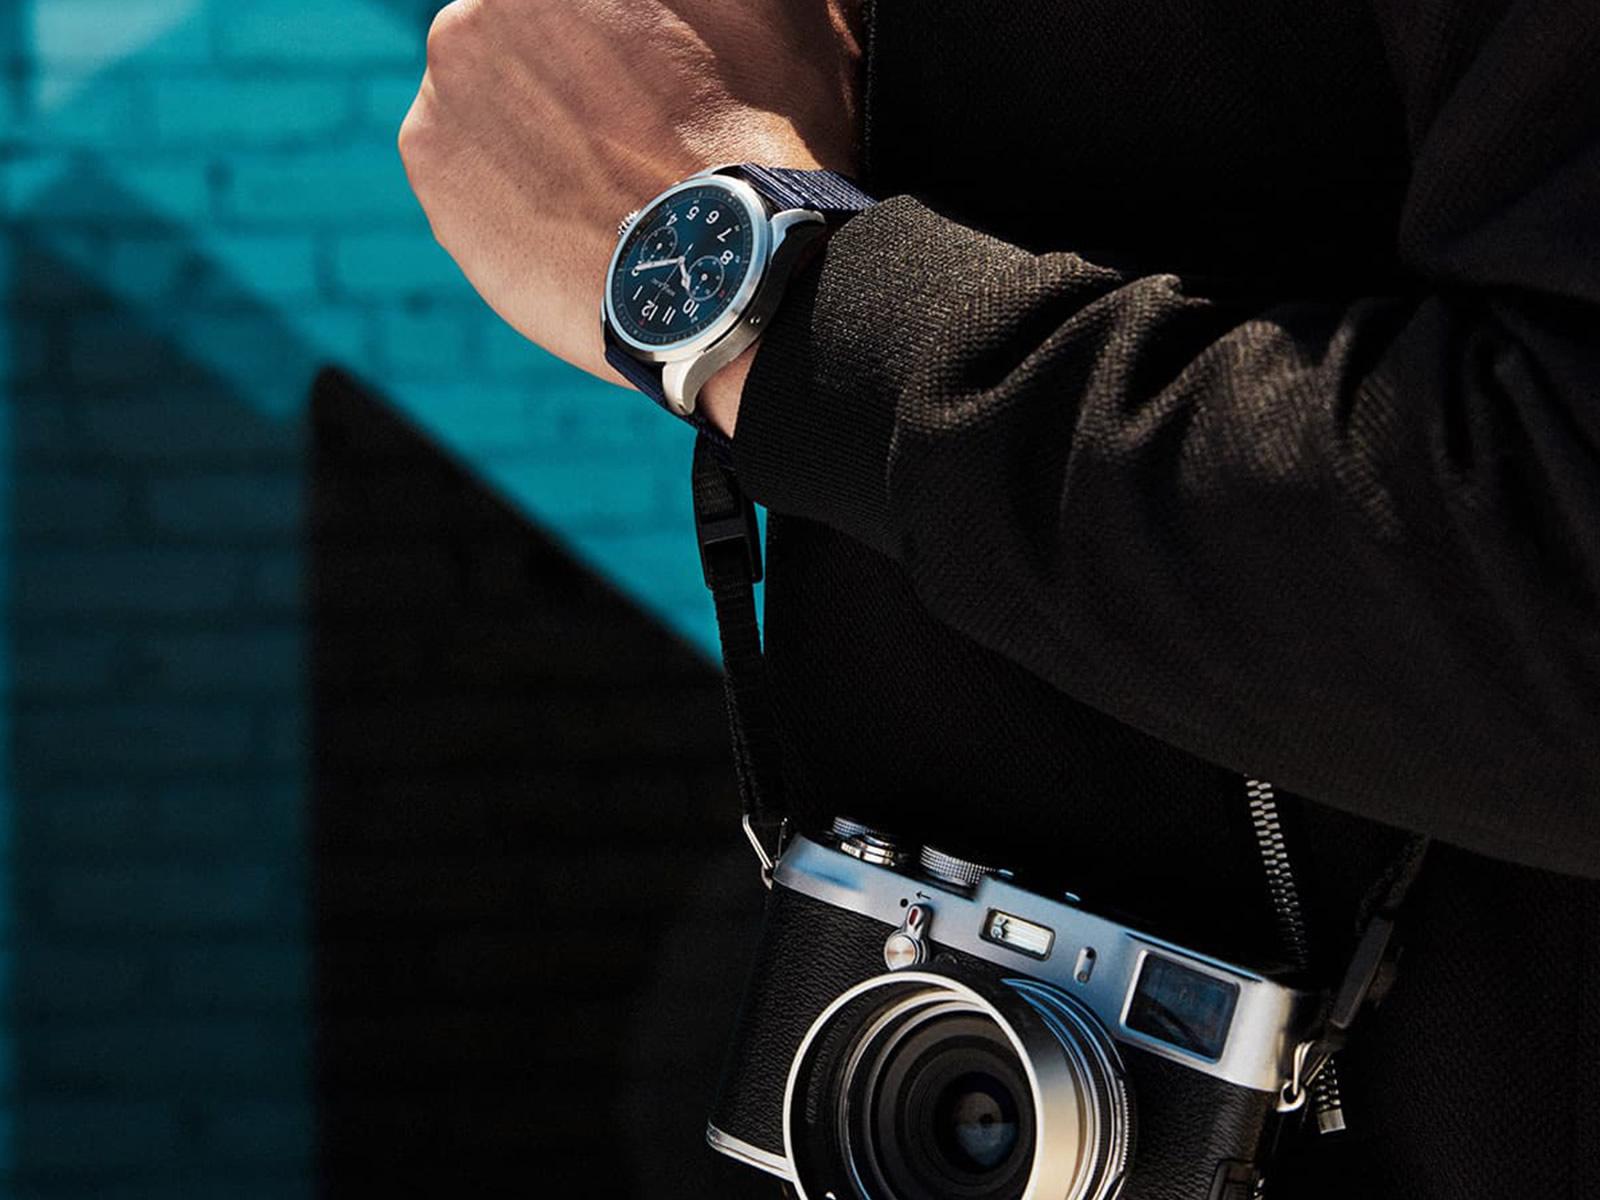 montblanc-summit-2-smartwatch-14-.jpg